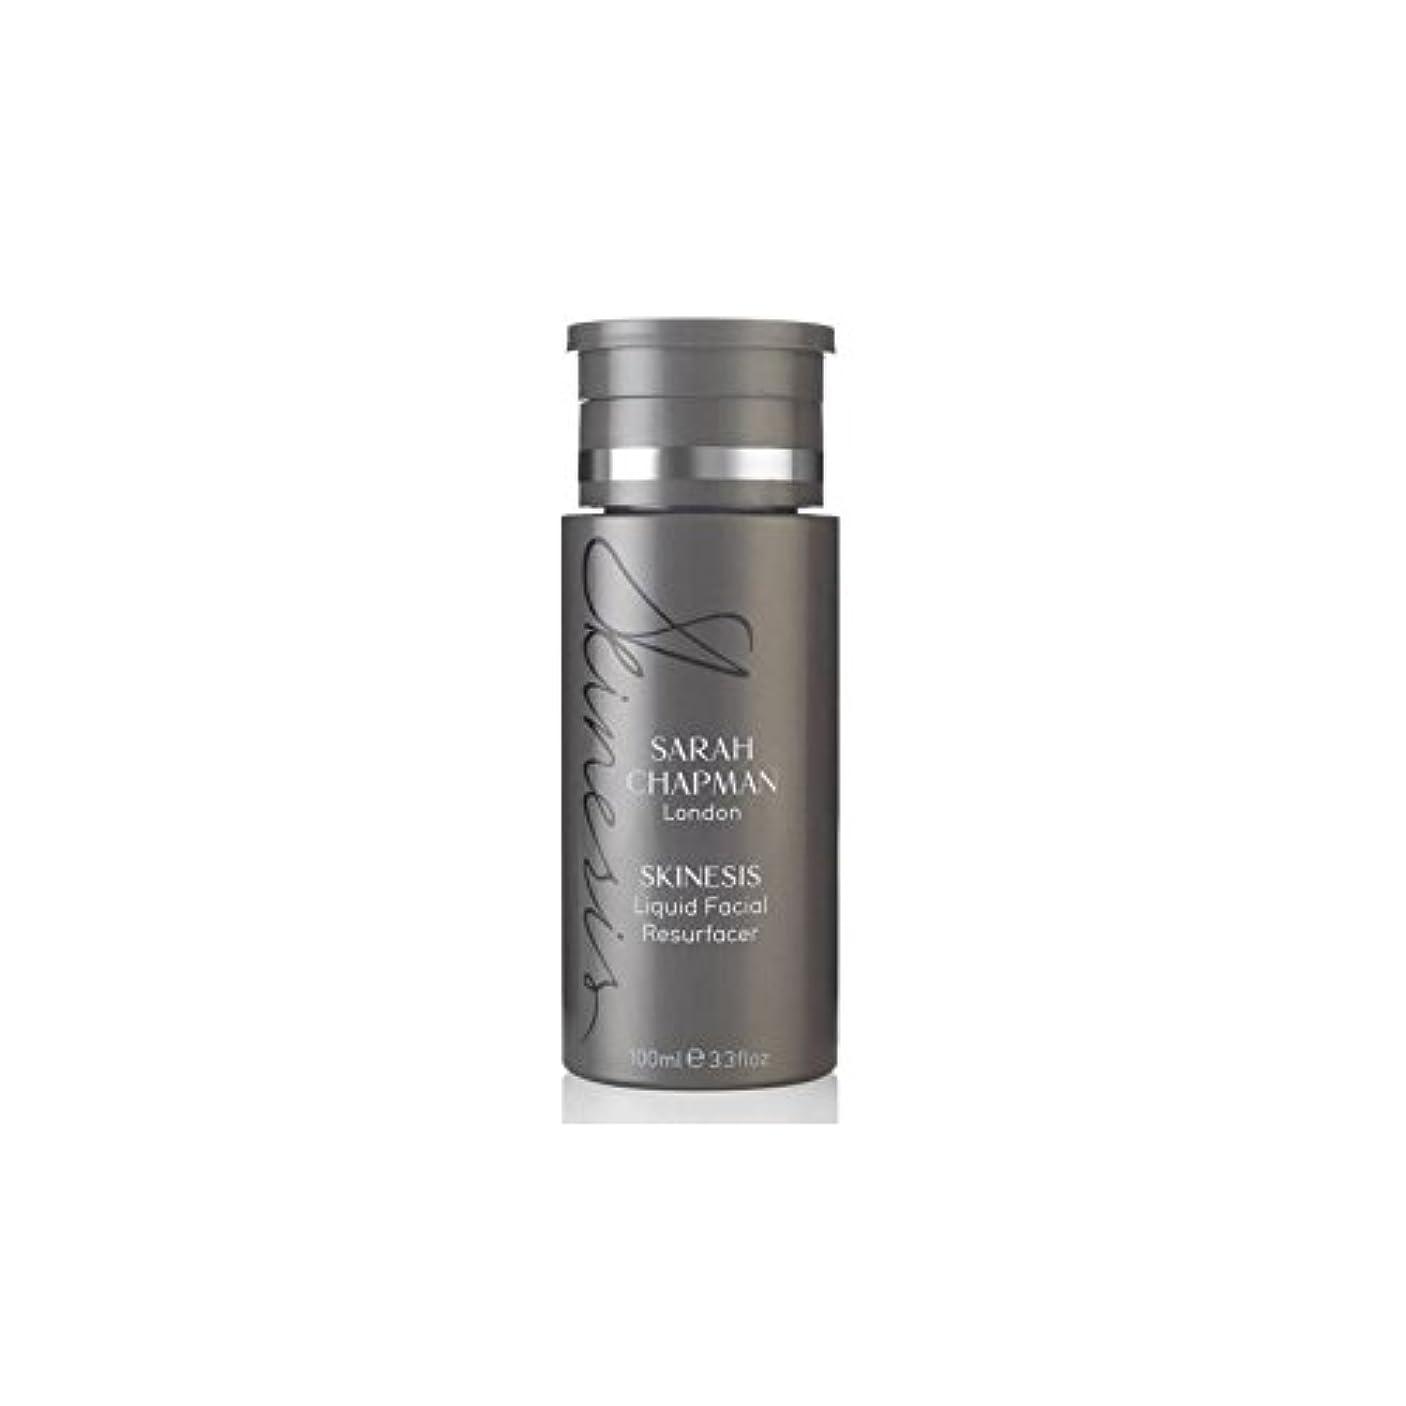 おとこ千マーケティングSarah Chapman Skinesis Liquid Facial Resurfacer (100ml) - サラチャップマン液体顔(100)に [並行輸入品]